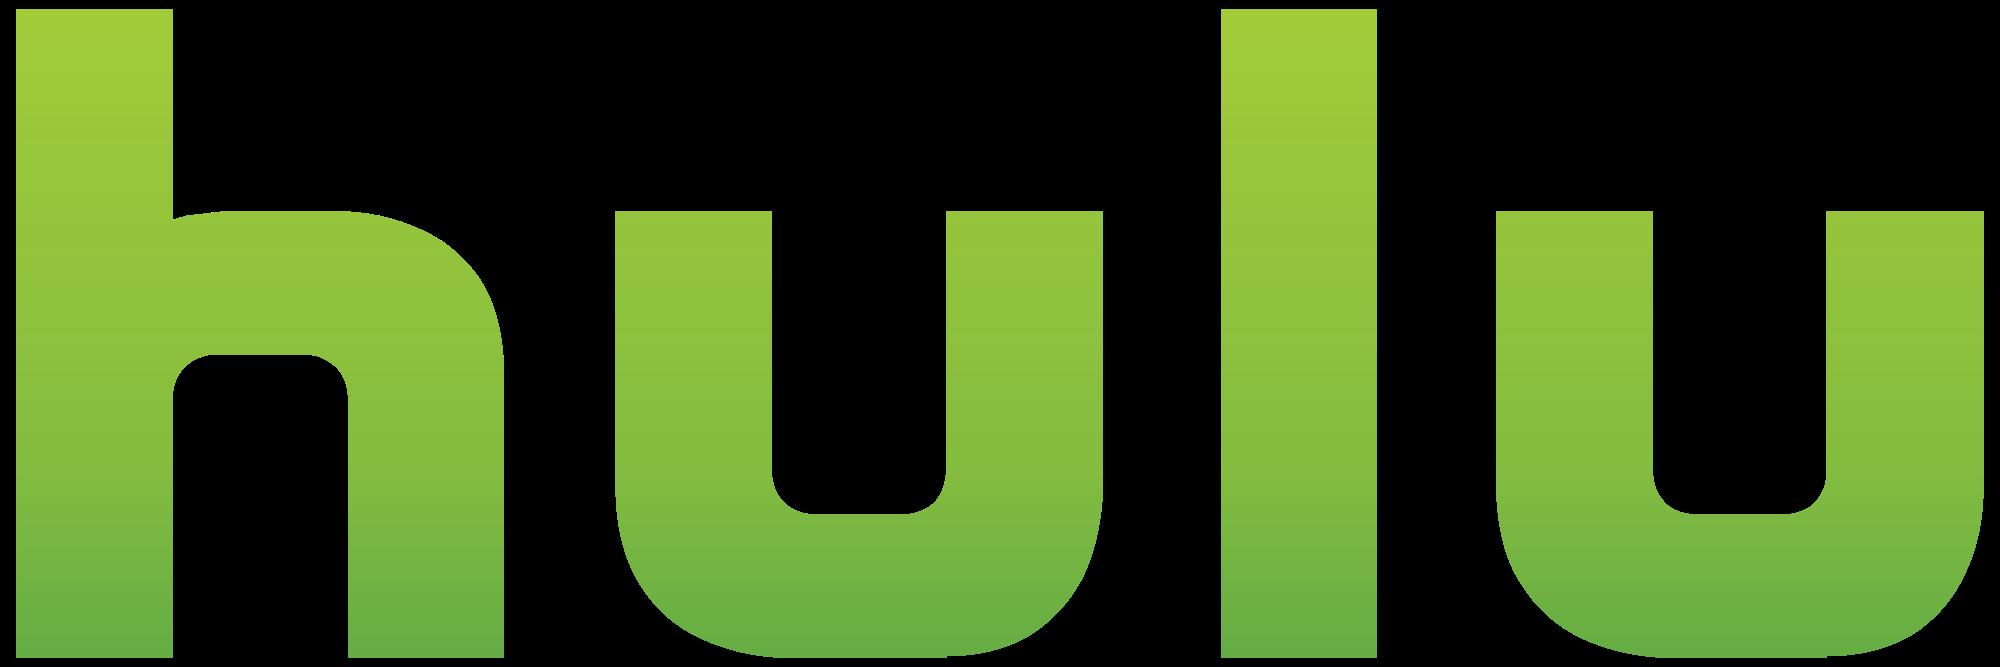 modern fonts for logos